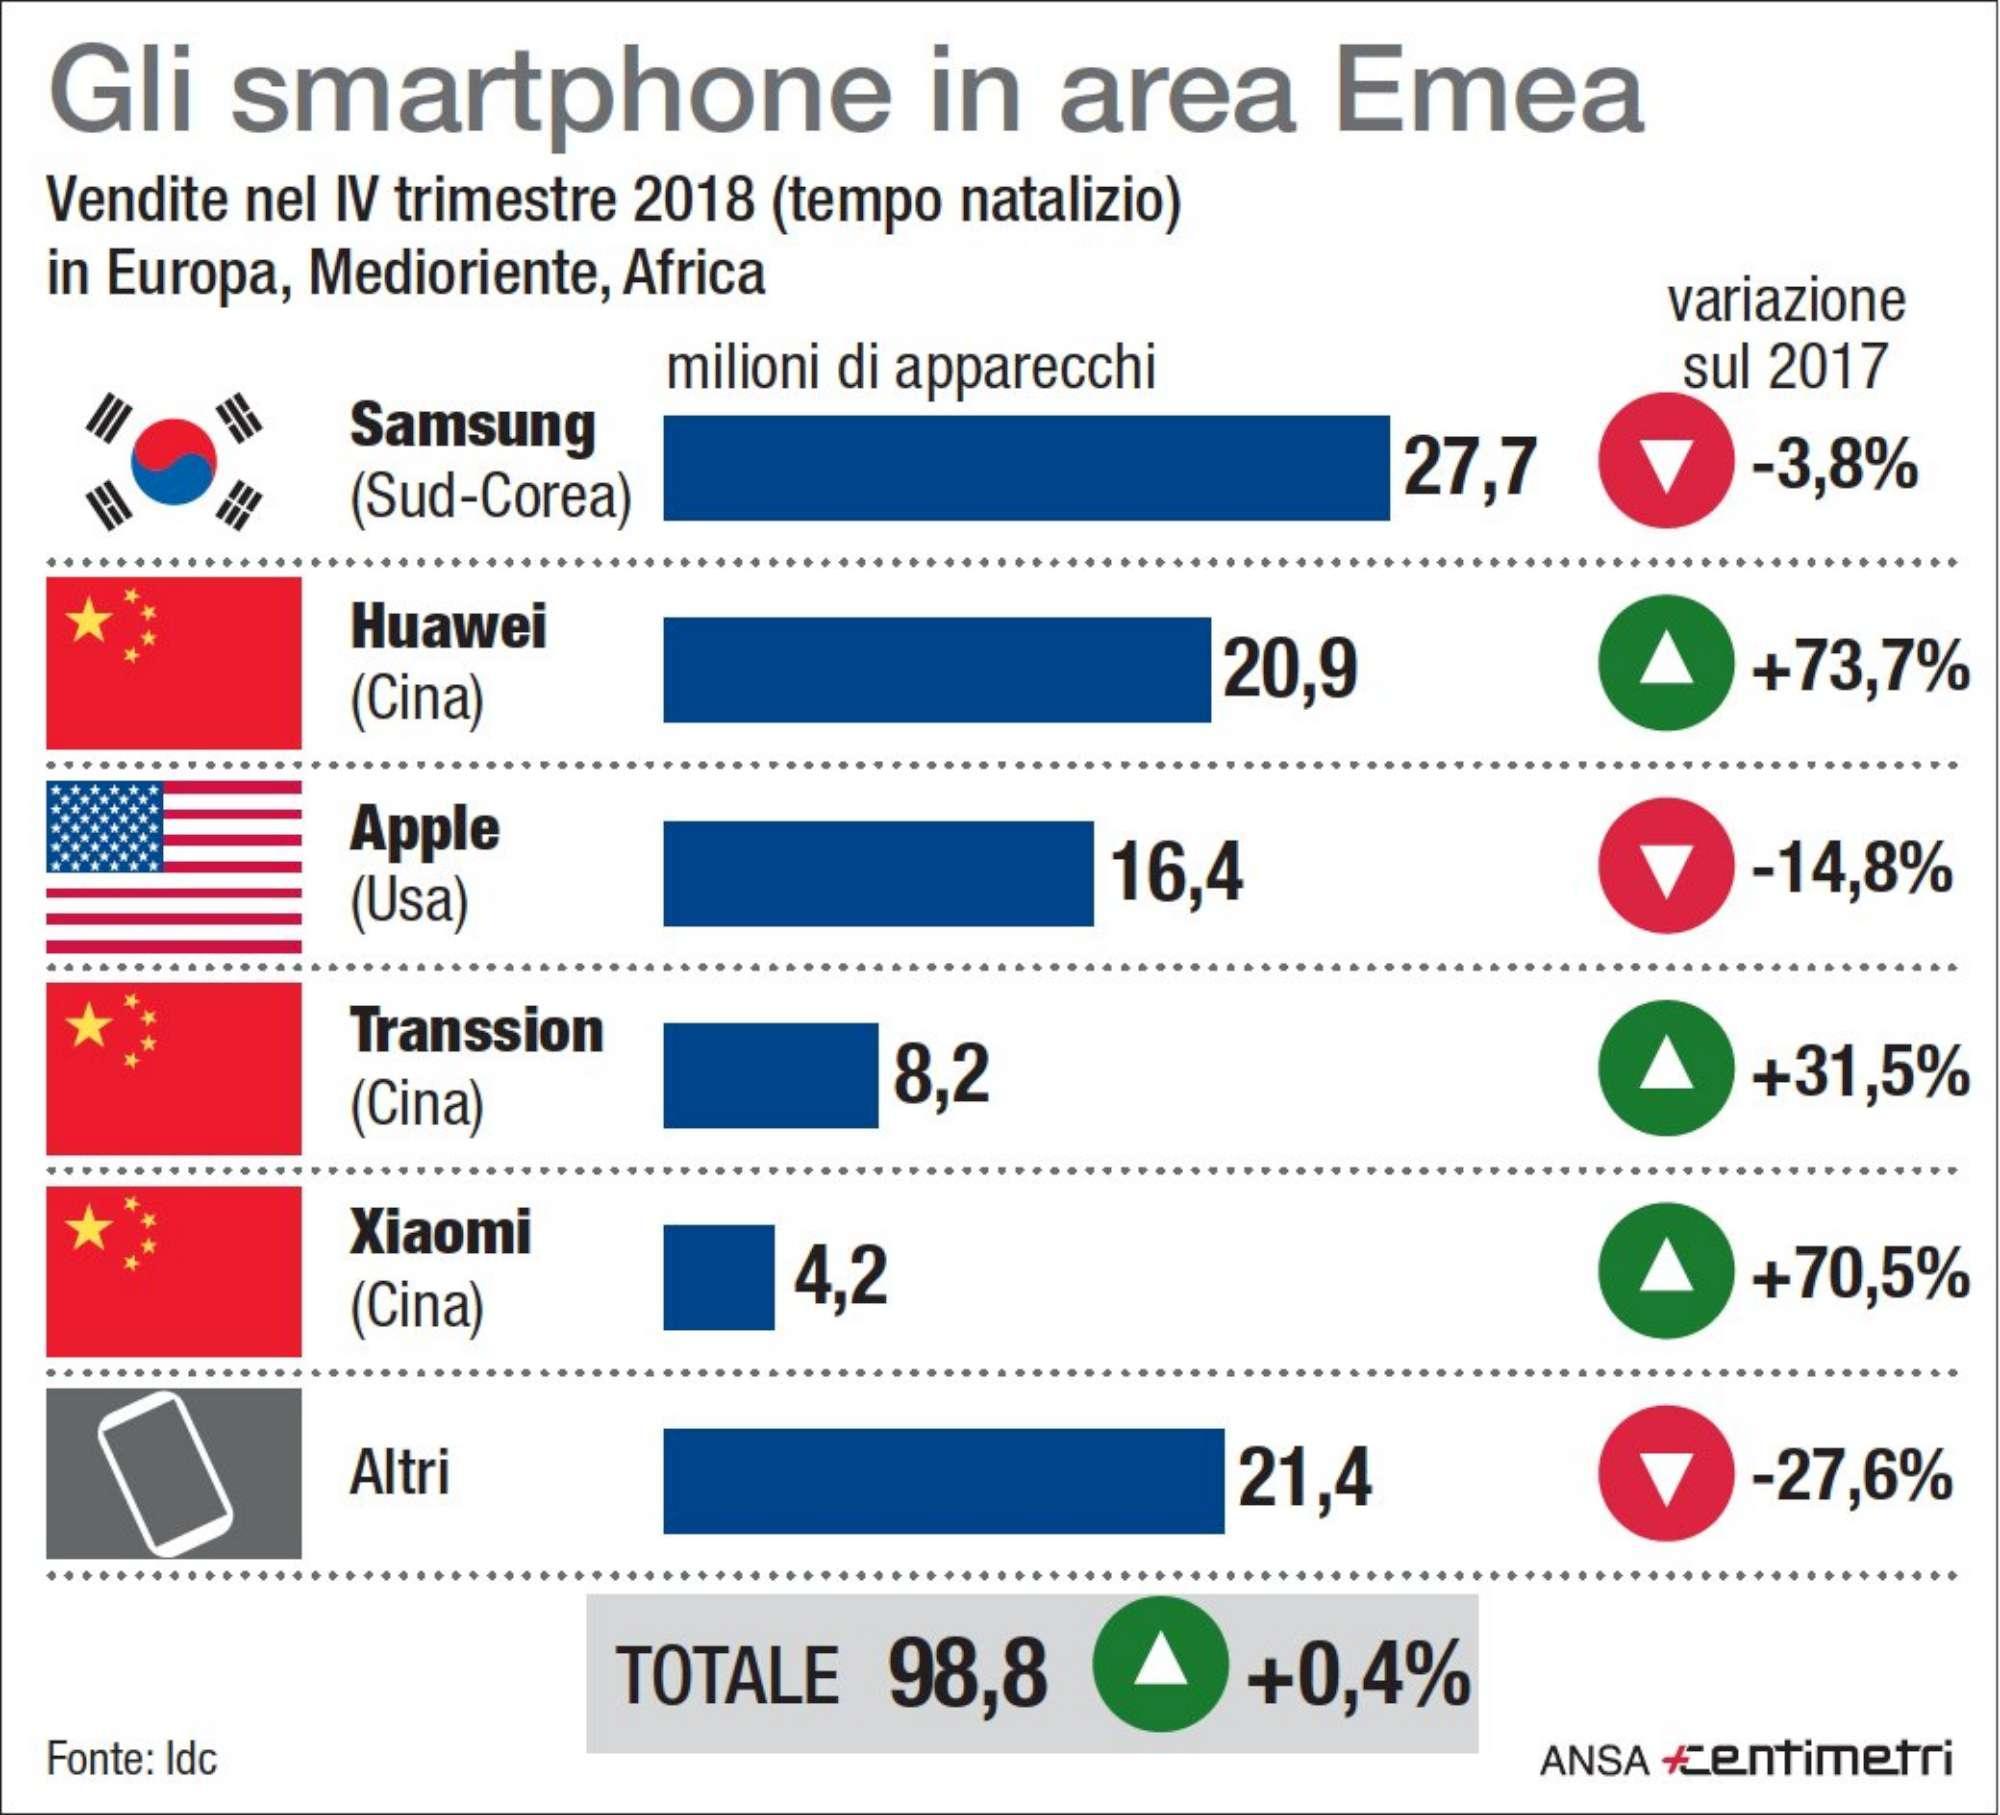 Smartphone: le vendite nel IV trimestre 2018 nell area EMEA